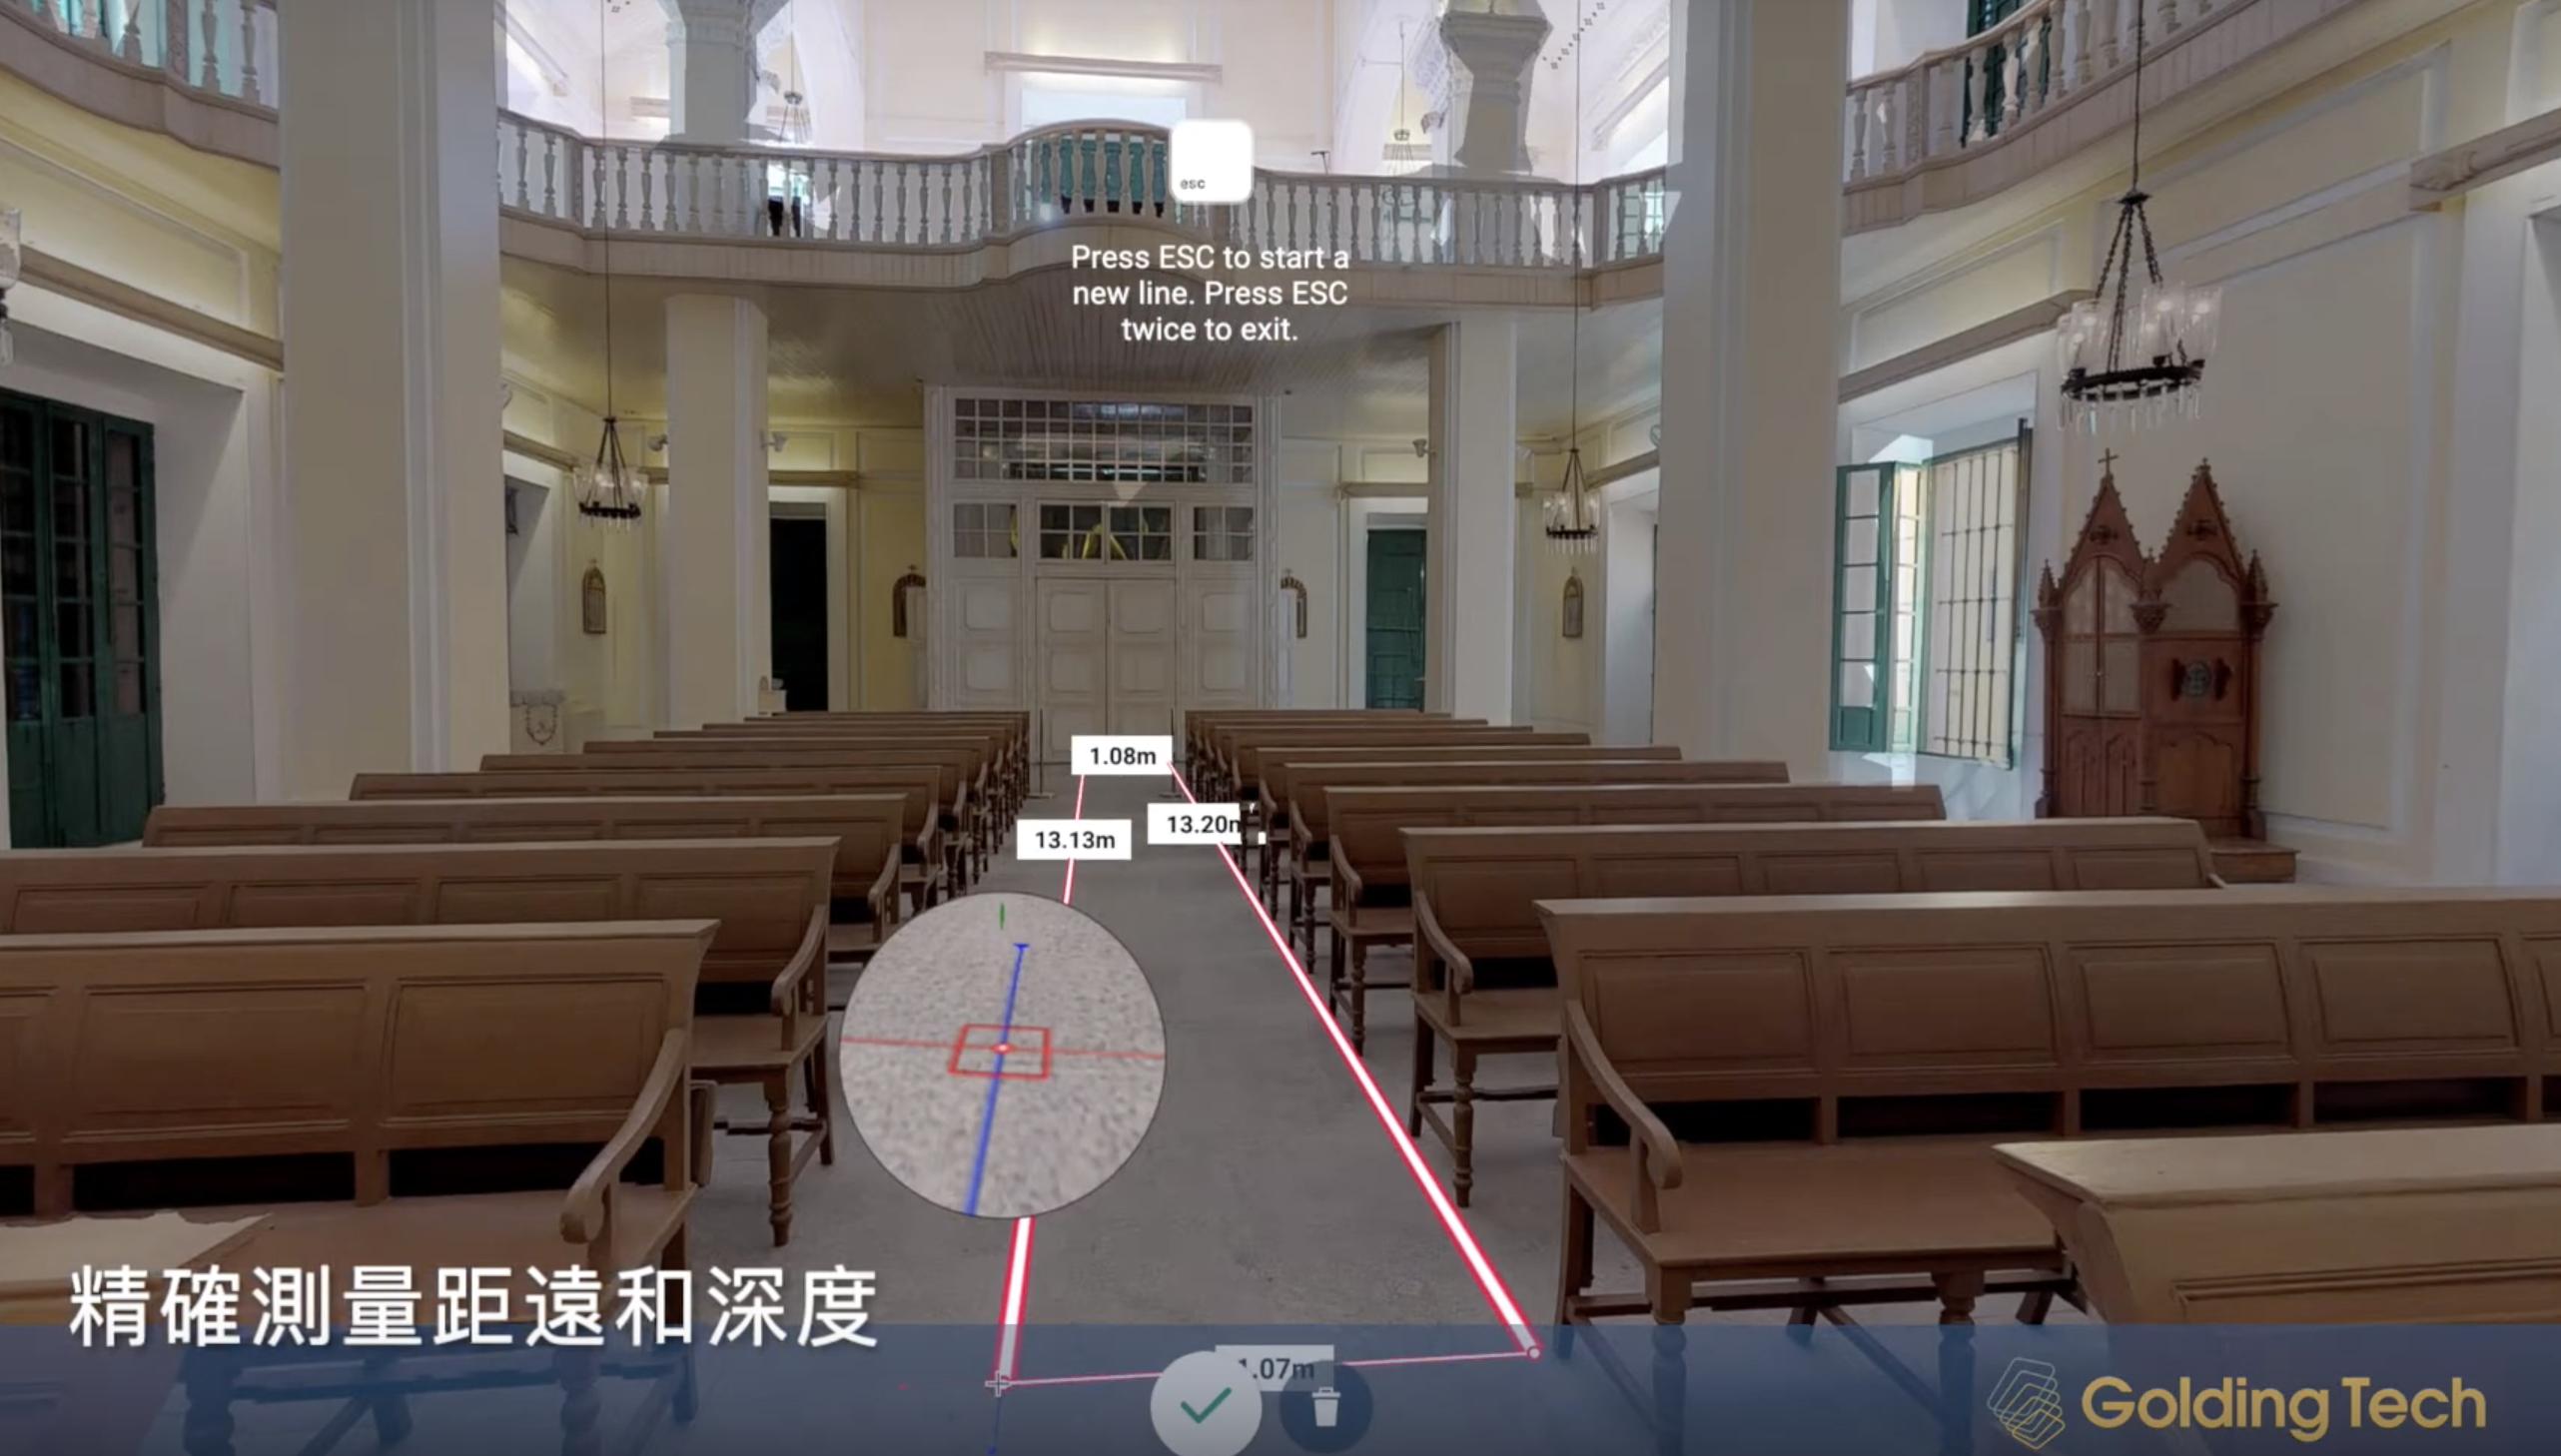 精確測量距遠和深度,VR360 解決建築施工驗收